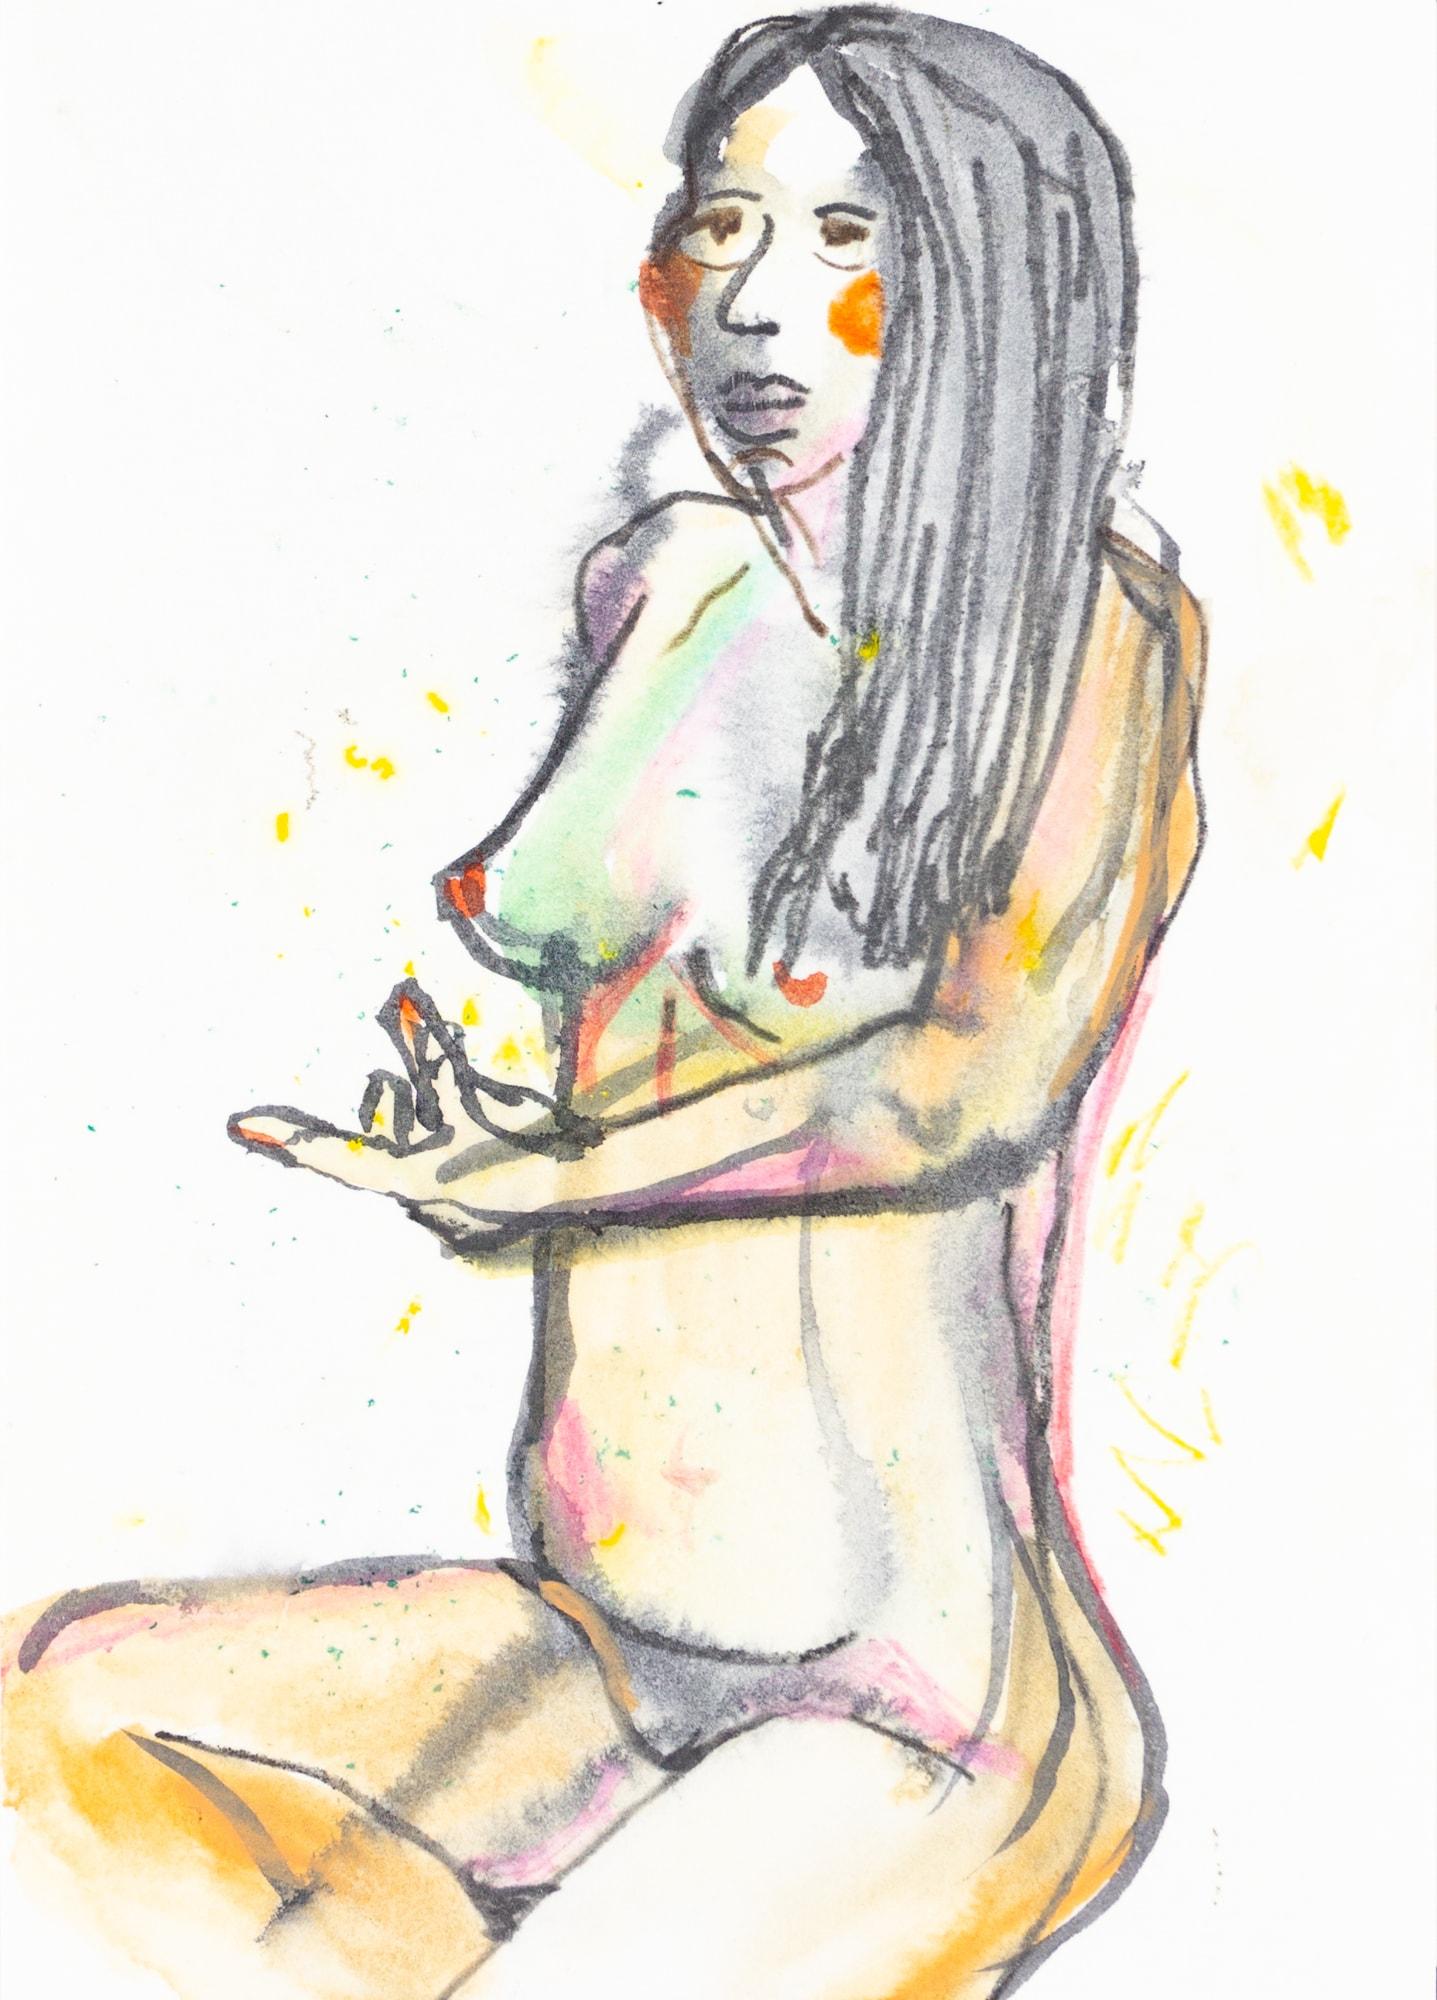 Zeichnung, Aquarell, Farbstift und Tusche auf Postkarte, 10,5x14,8cm, Frauenakt, Künstlerin: Franziska King